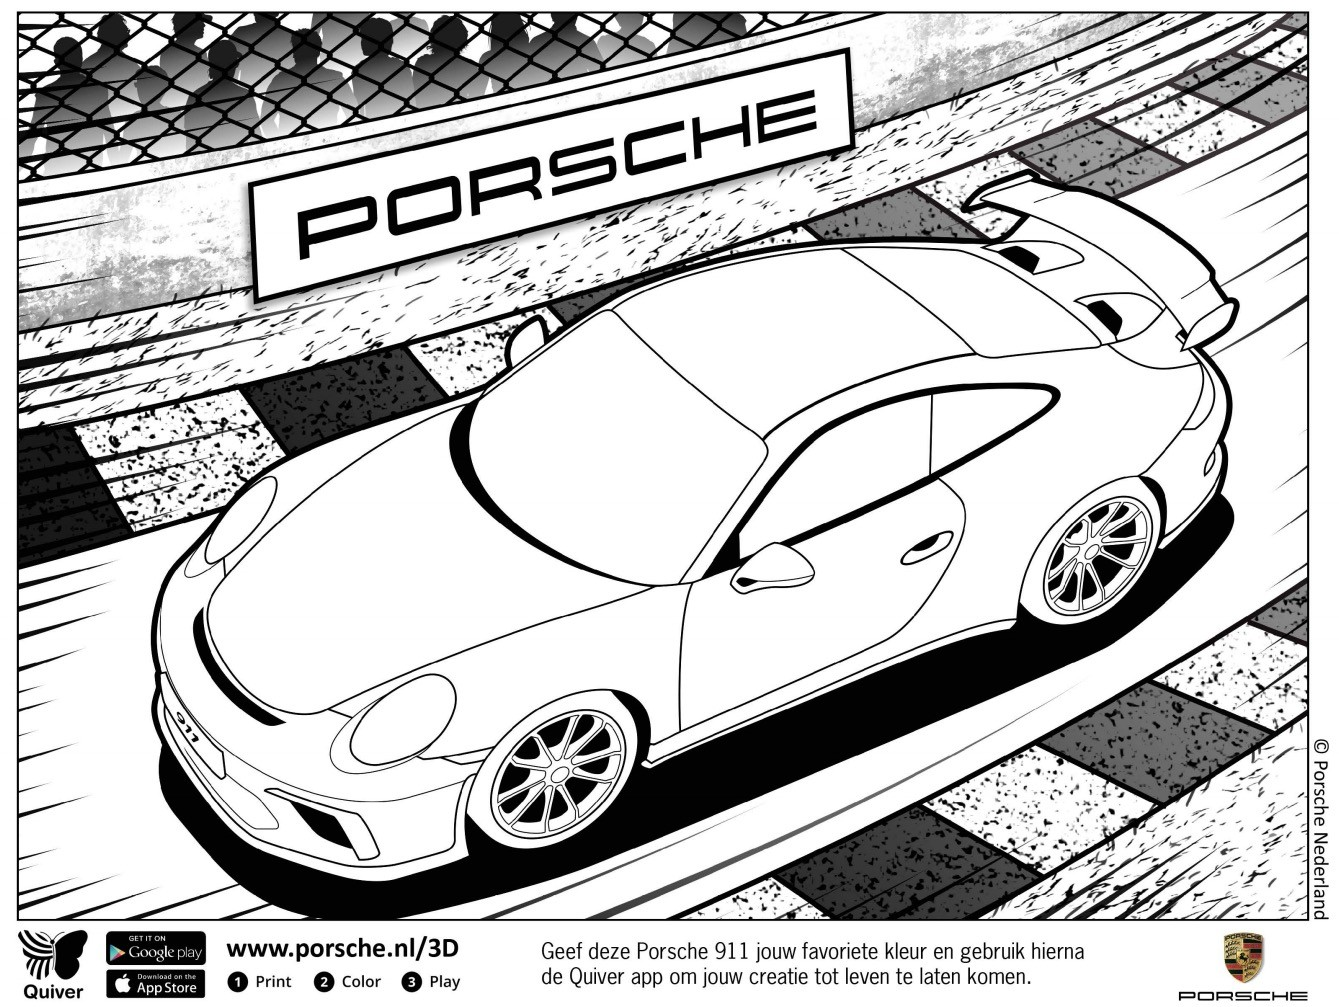 Kleurplaten Autos Porsche.Lava Orange 2018 Porsche 911 Gt3 Spotted In Stuttgart Reveals New